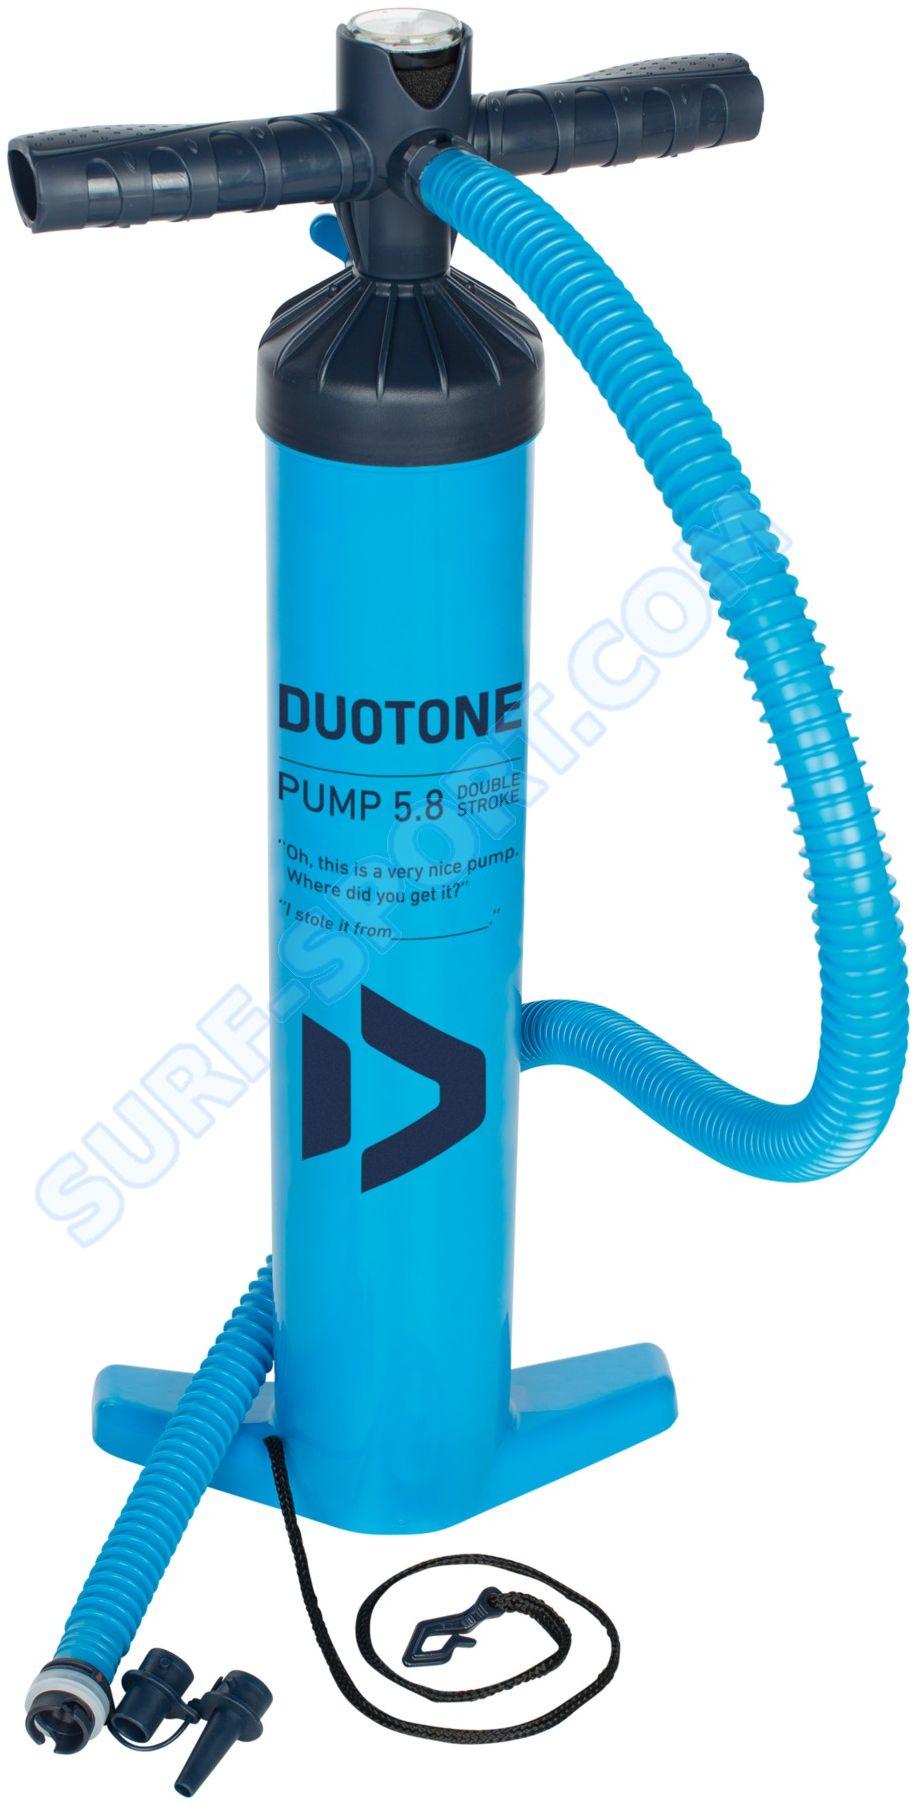 Pompka Kite Duotone 2019 z Manometrem-Wersja XL